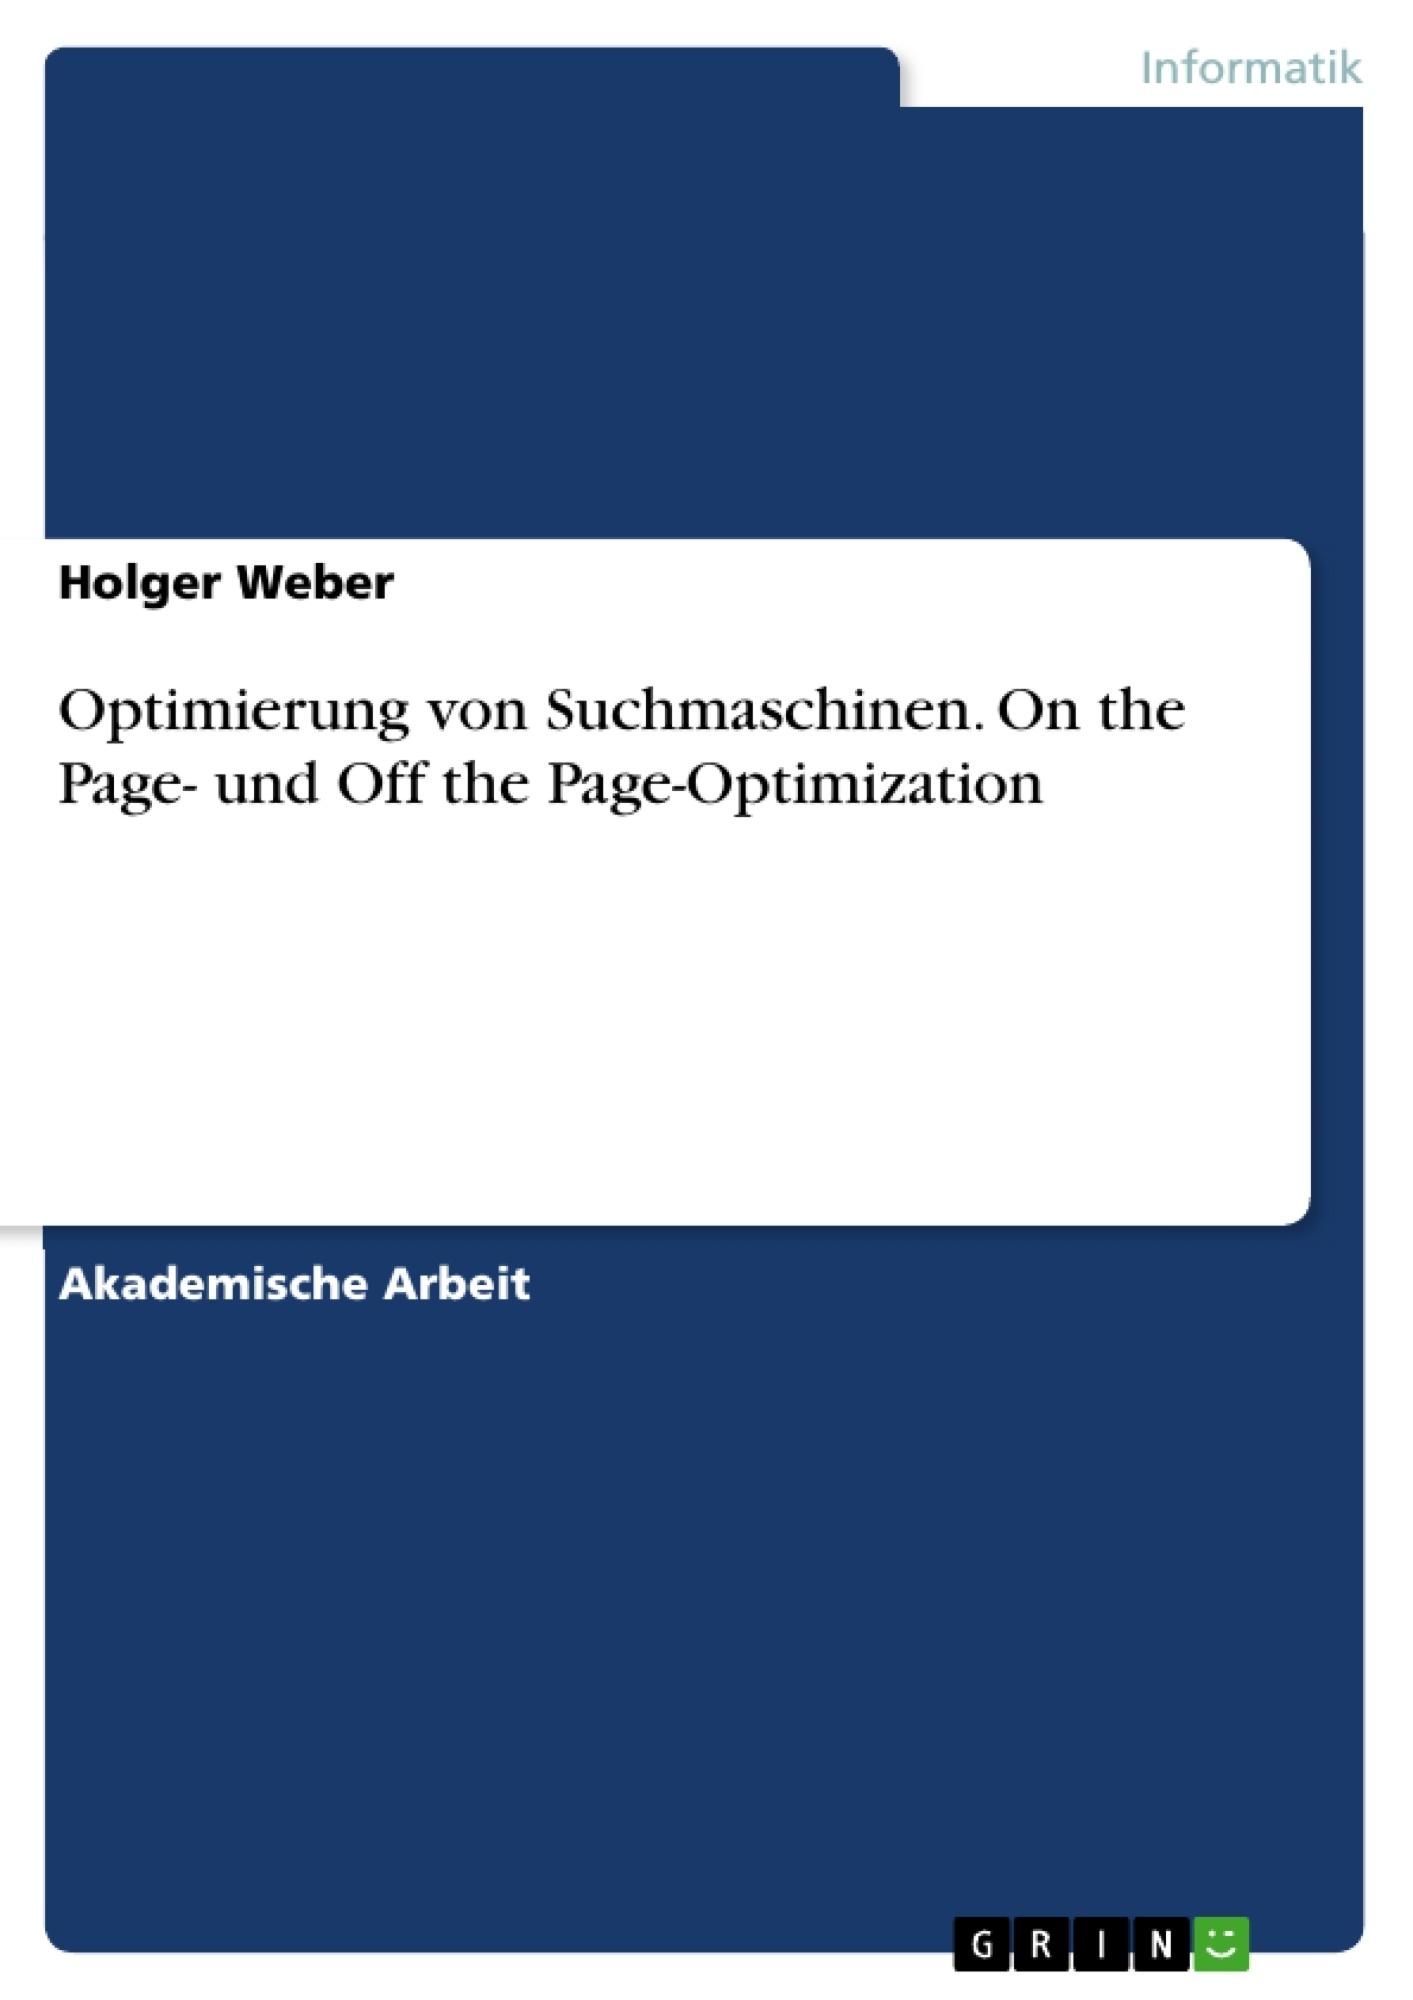 Titel: Optimierung von Suchmaschinen. On the Page- und Off the Page-Optimization